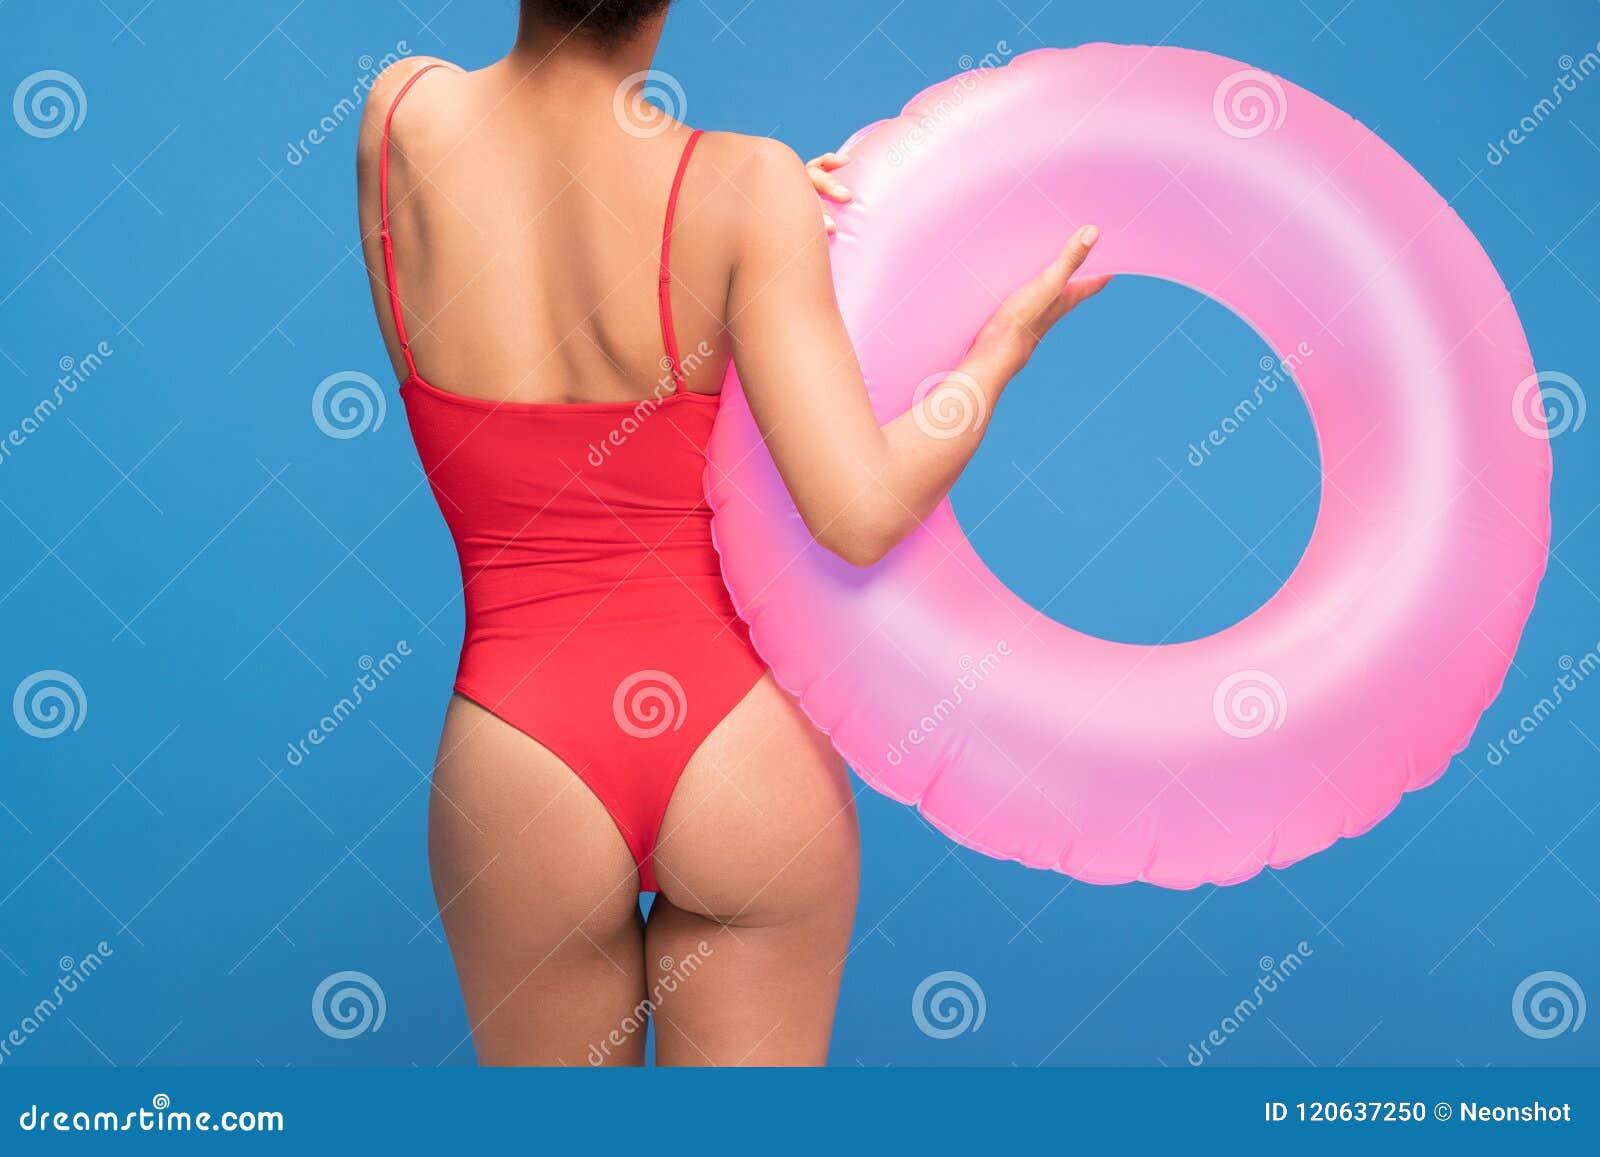 Silueta de la mujer atractiva del ajuste en traje de baño rojo